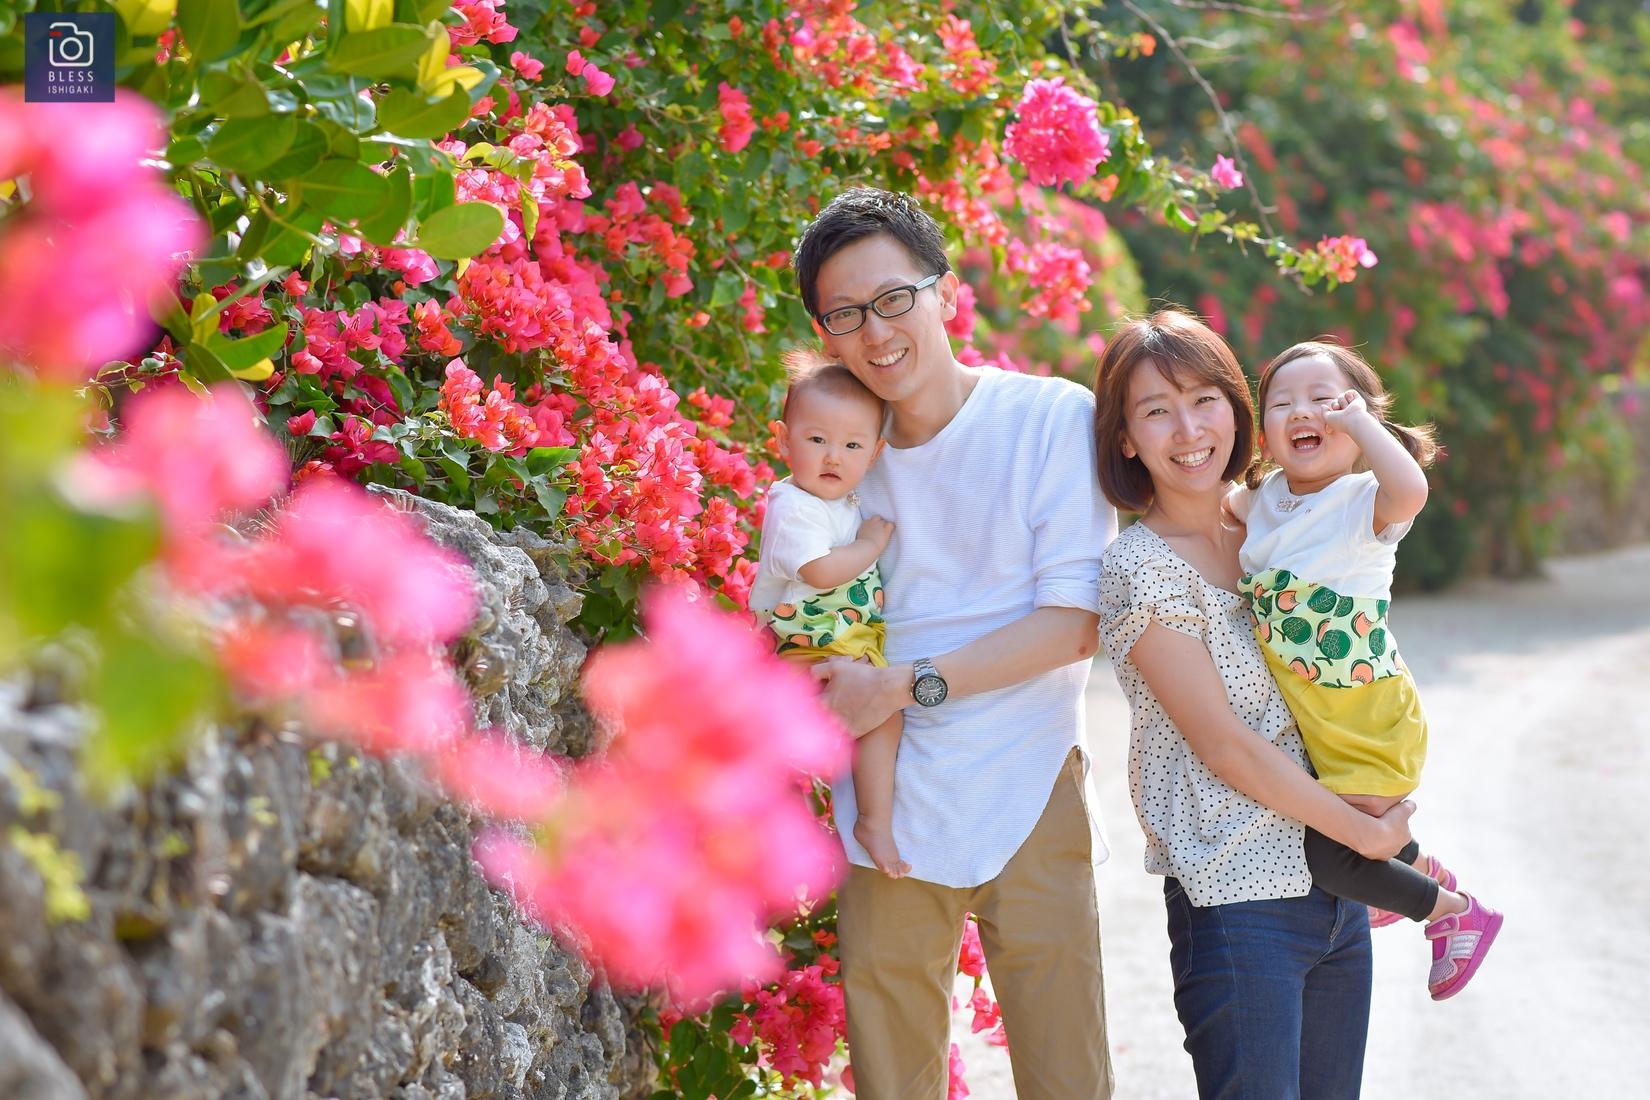 【お客様レポ#6】竹富島の街並み&コンドイビーチで家族フォト!Y&R様ファミリー♡